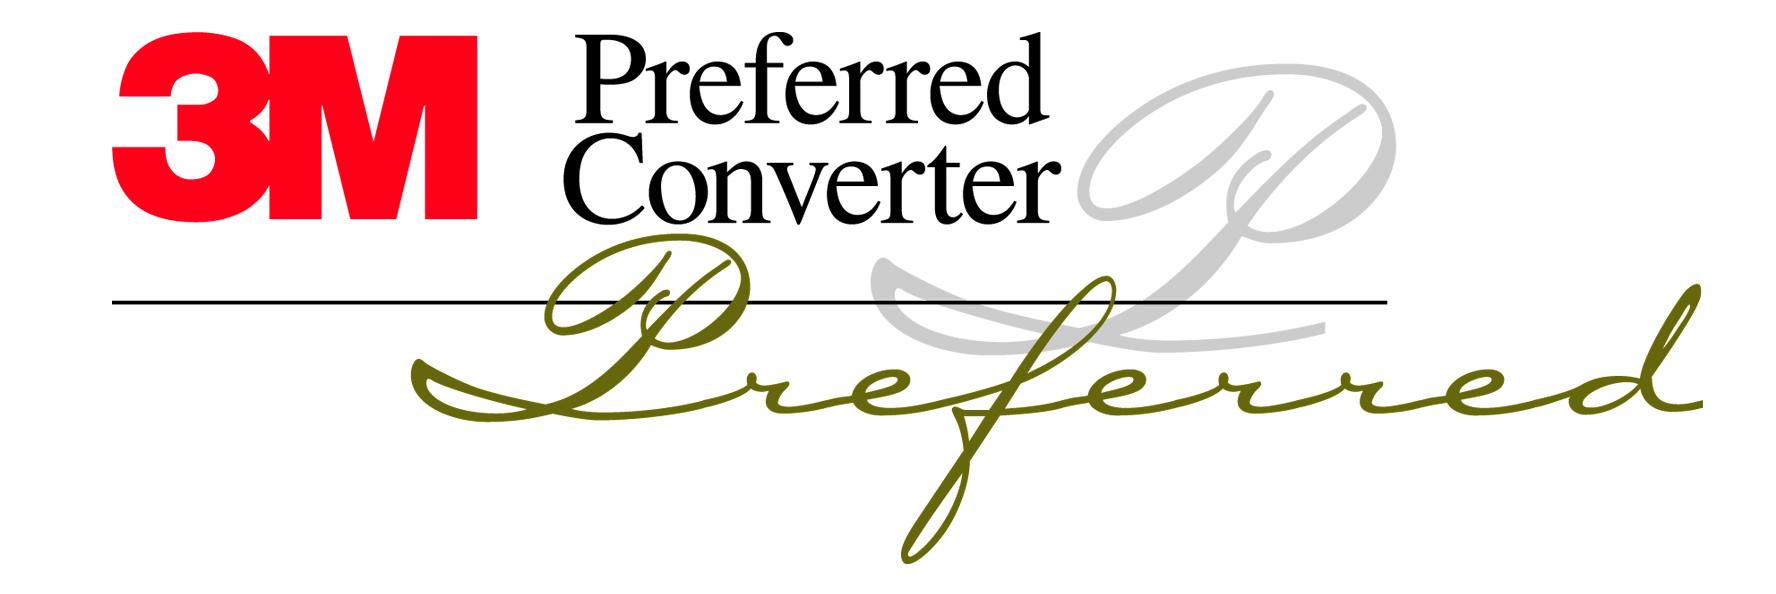 3M Preferred Converter